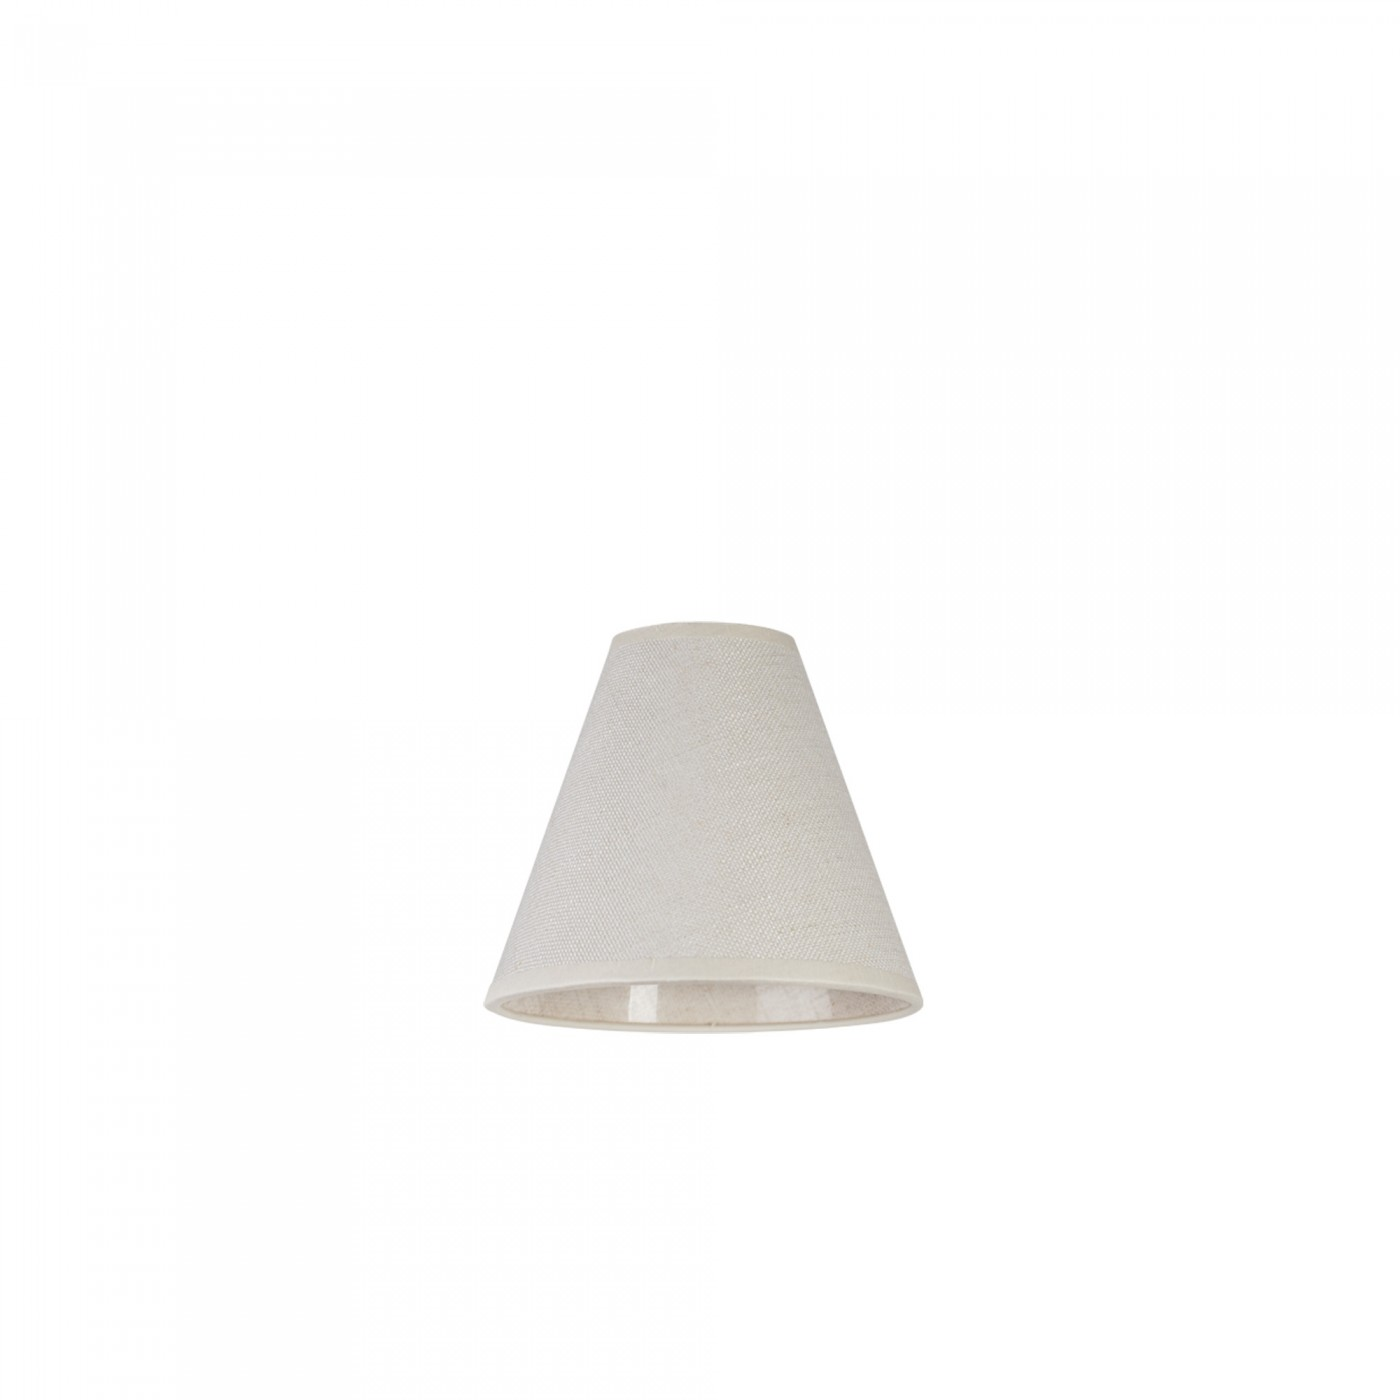 CAMELEON CONE S WH 8416 Nowodvorski Lighting